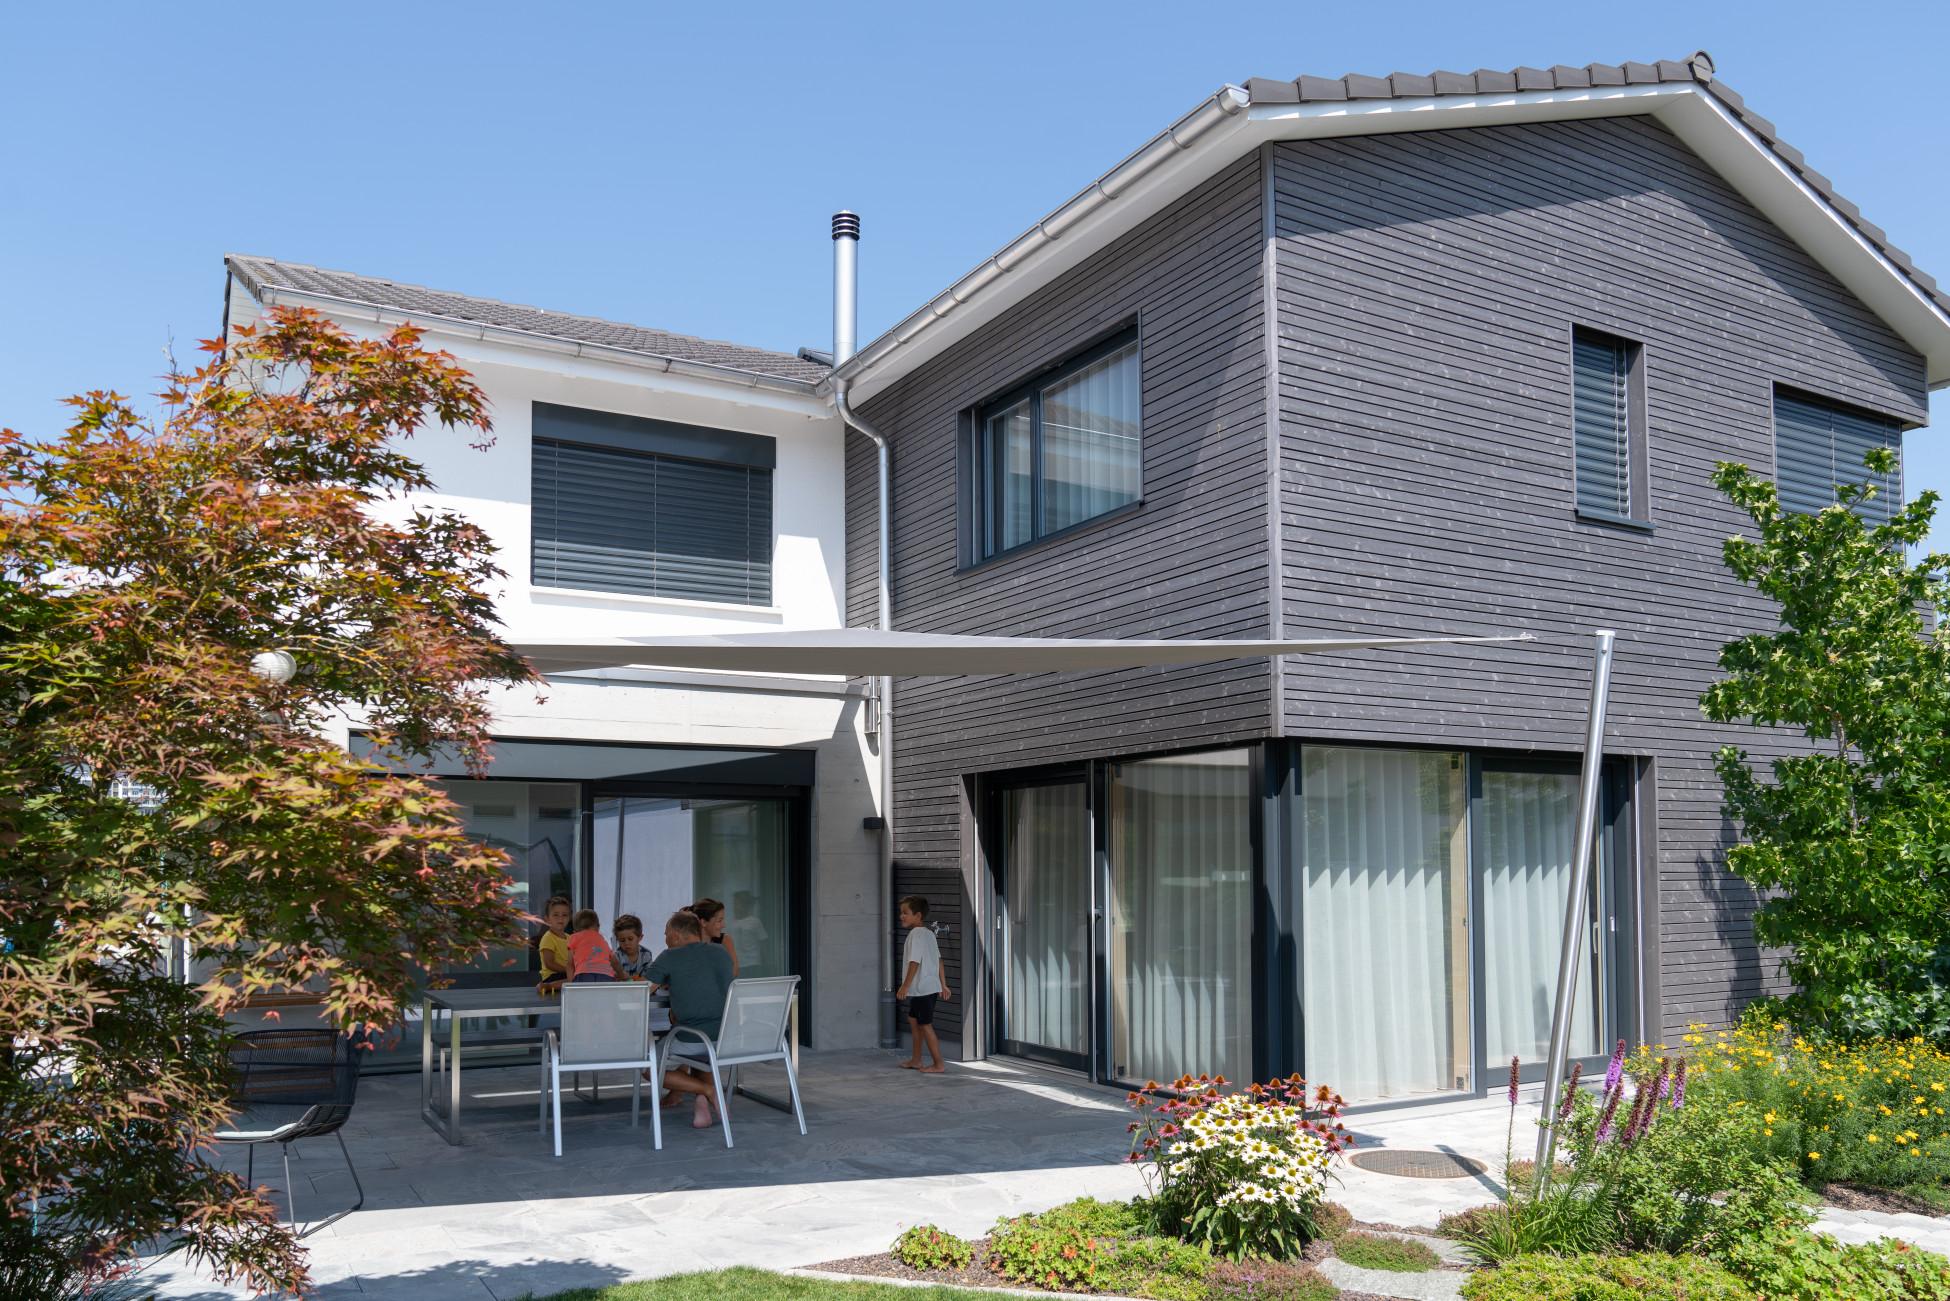 Gesamtleistung Anbau an bestehendes Einfamilienhaus in Holzelementbauweise mit einer vorvergrauten, horizontalen Holzfassade